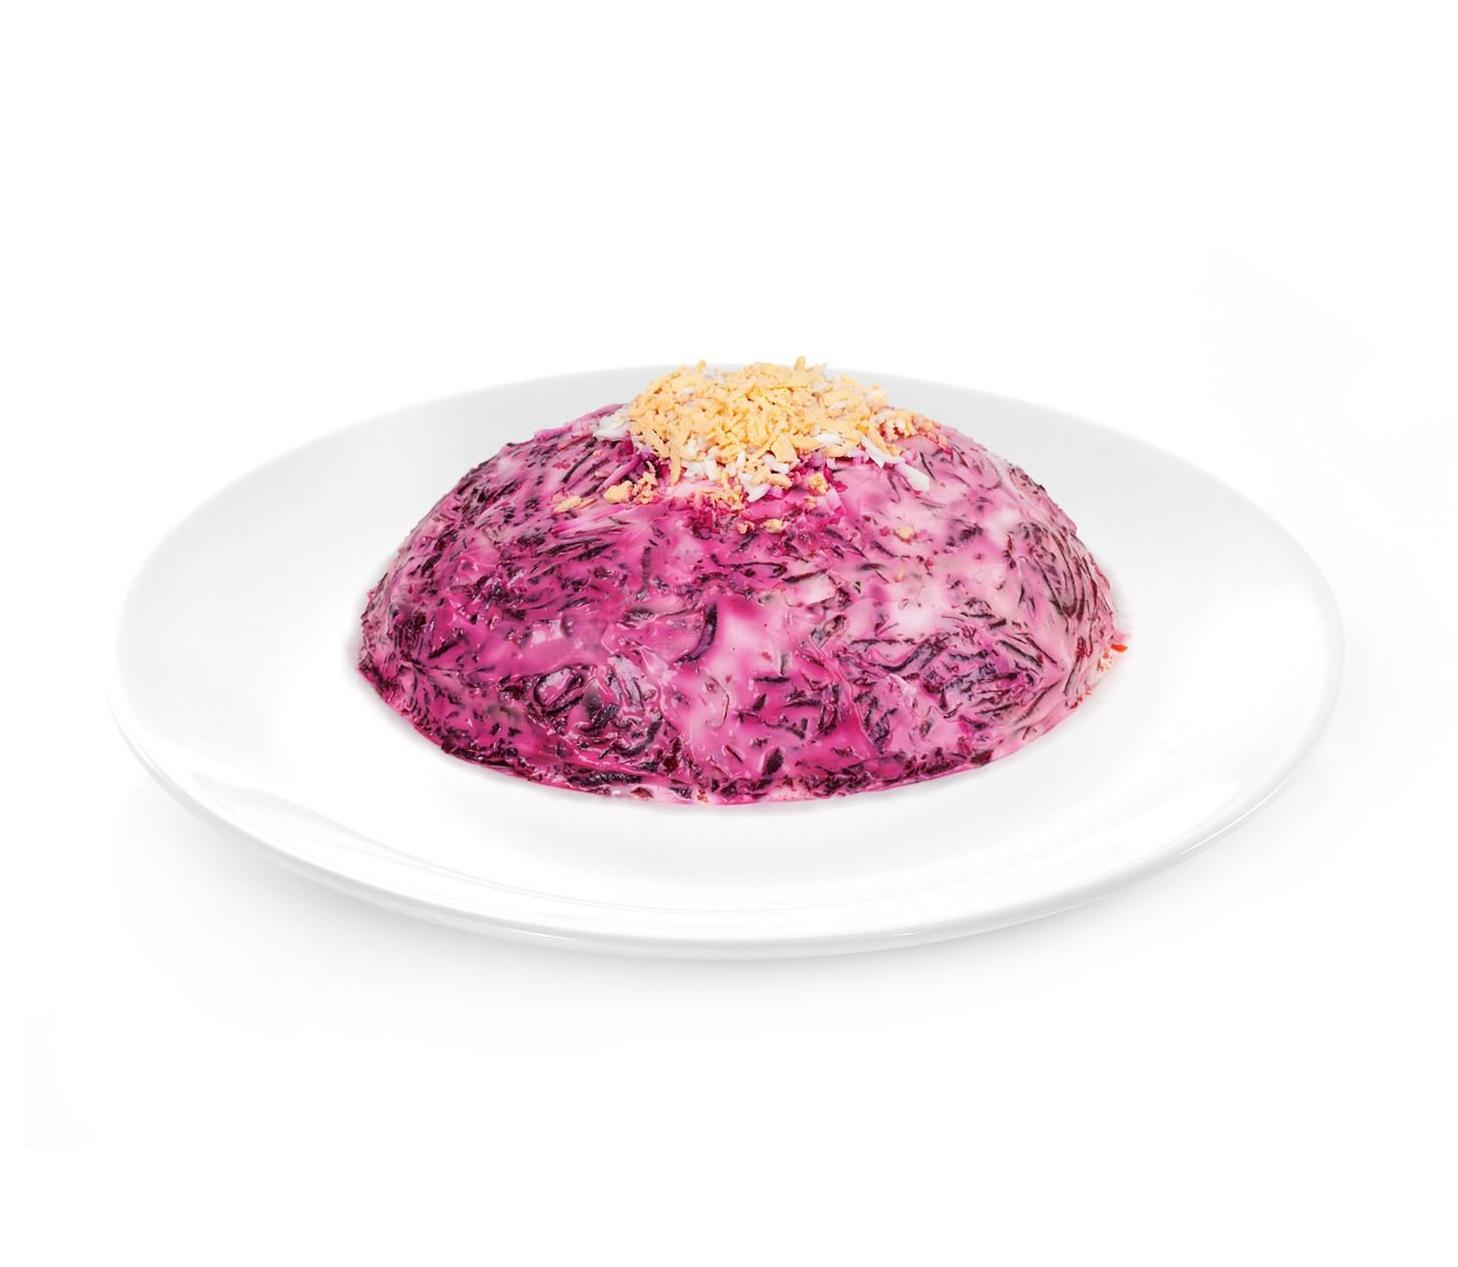 salad herring under fur coat 1 lb for sale buy online at russianfoodusa. Black Bedroom Furniture Sets. Home Design Ideas